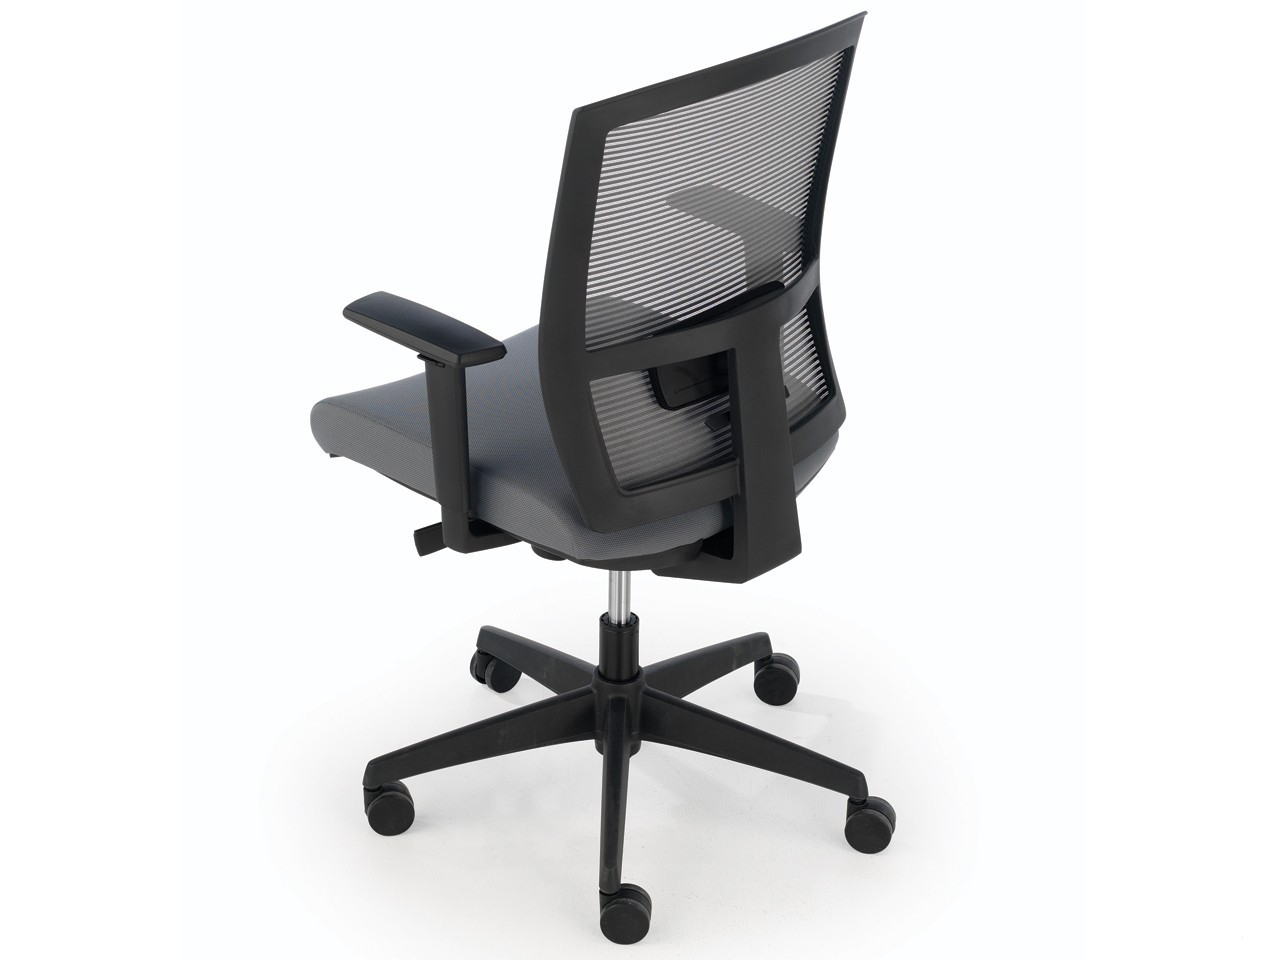 Silla escritorio Kendo  Sillas de calidad  Muebles de